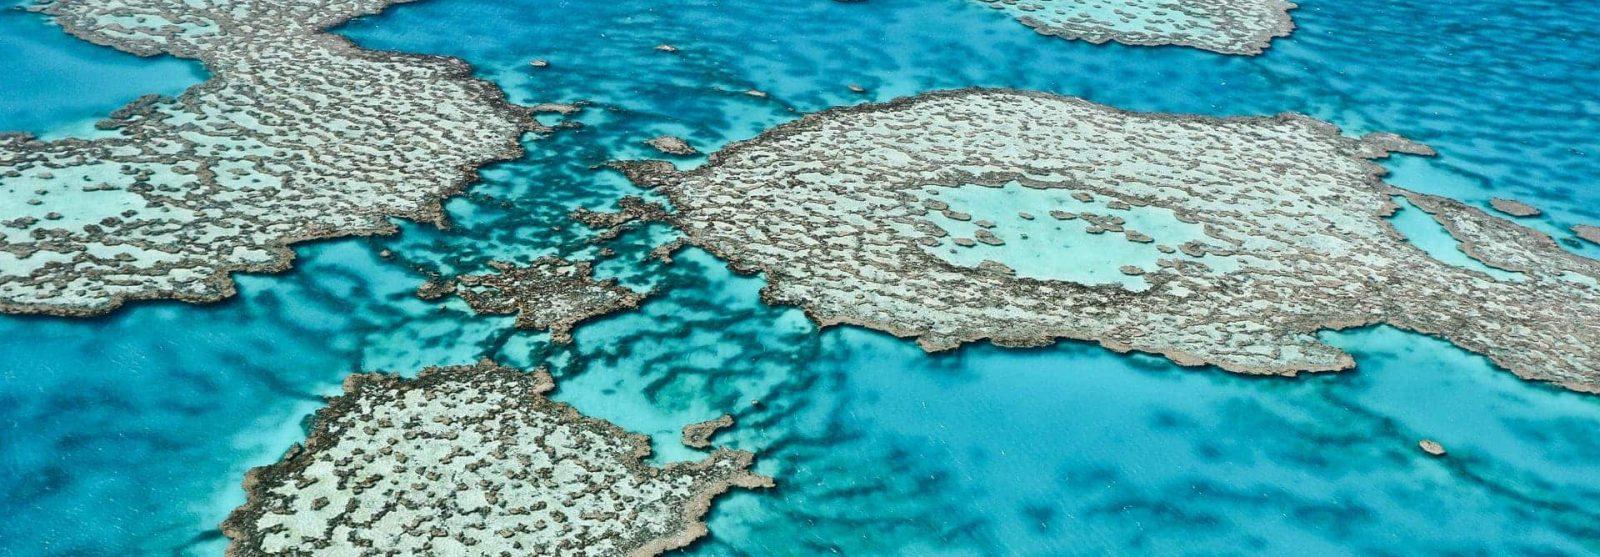 liveaboard-australia-great-barrier-reef-xxl